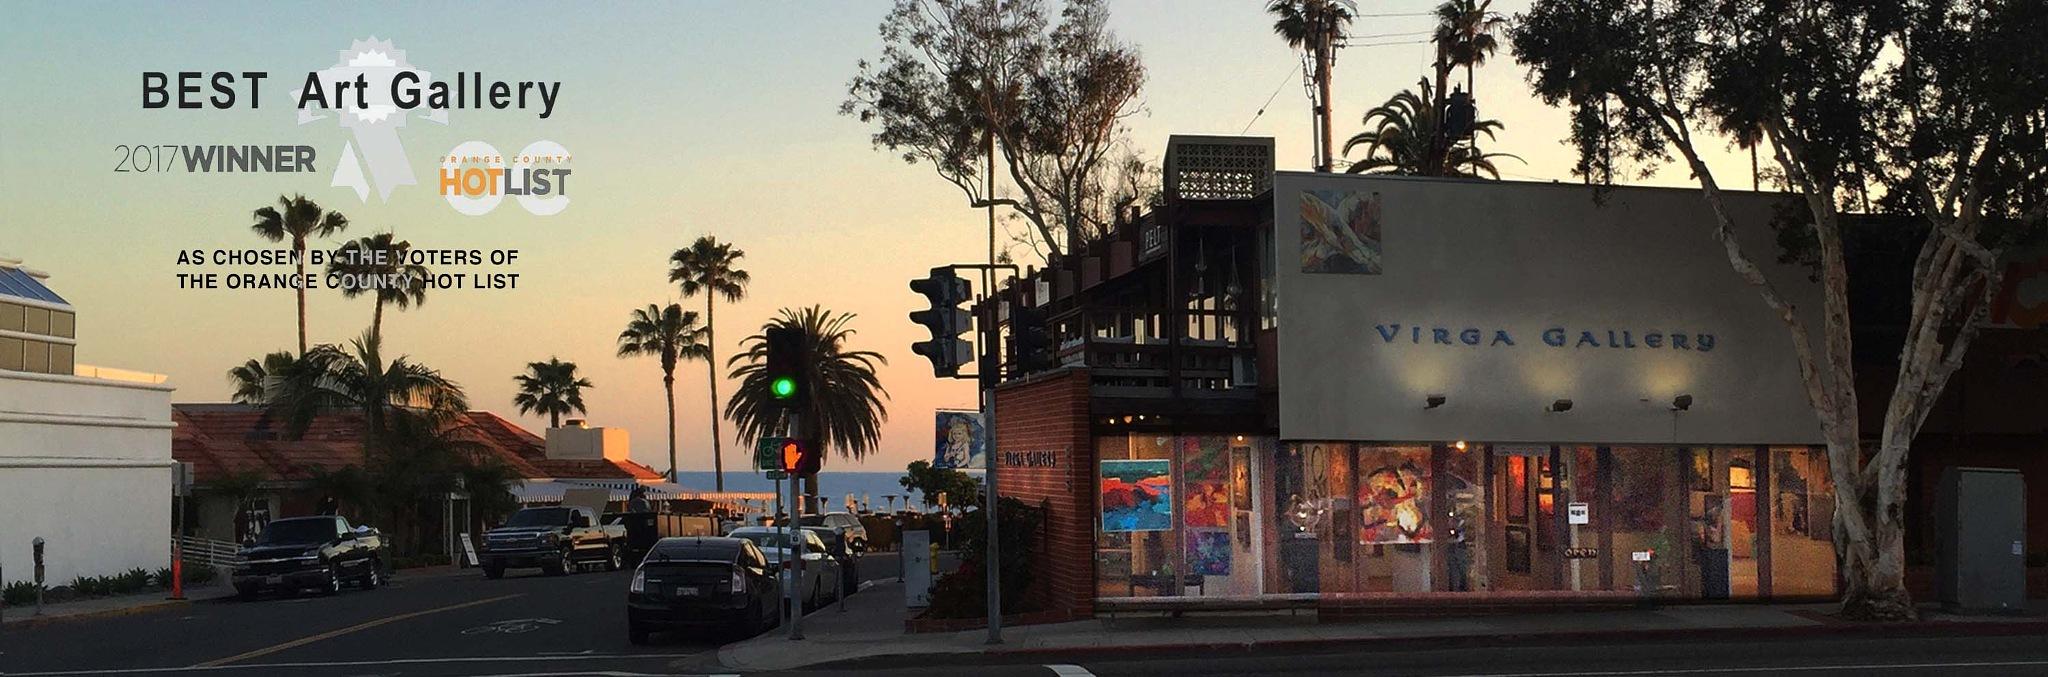 Virga Gallery . 305 N Coast Hwy . Laguna Beach by VirgaGallery